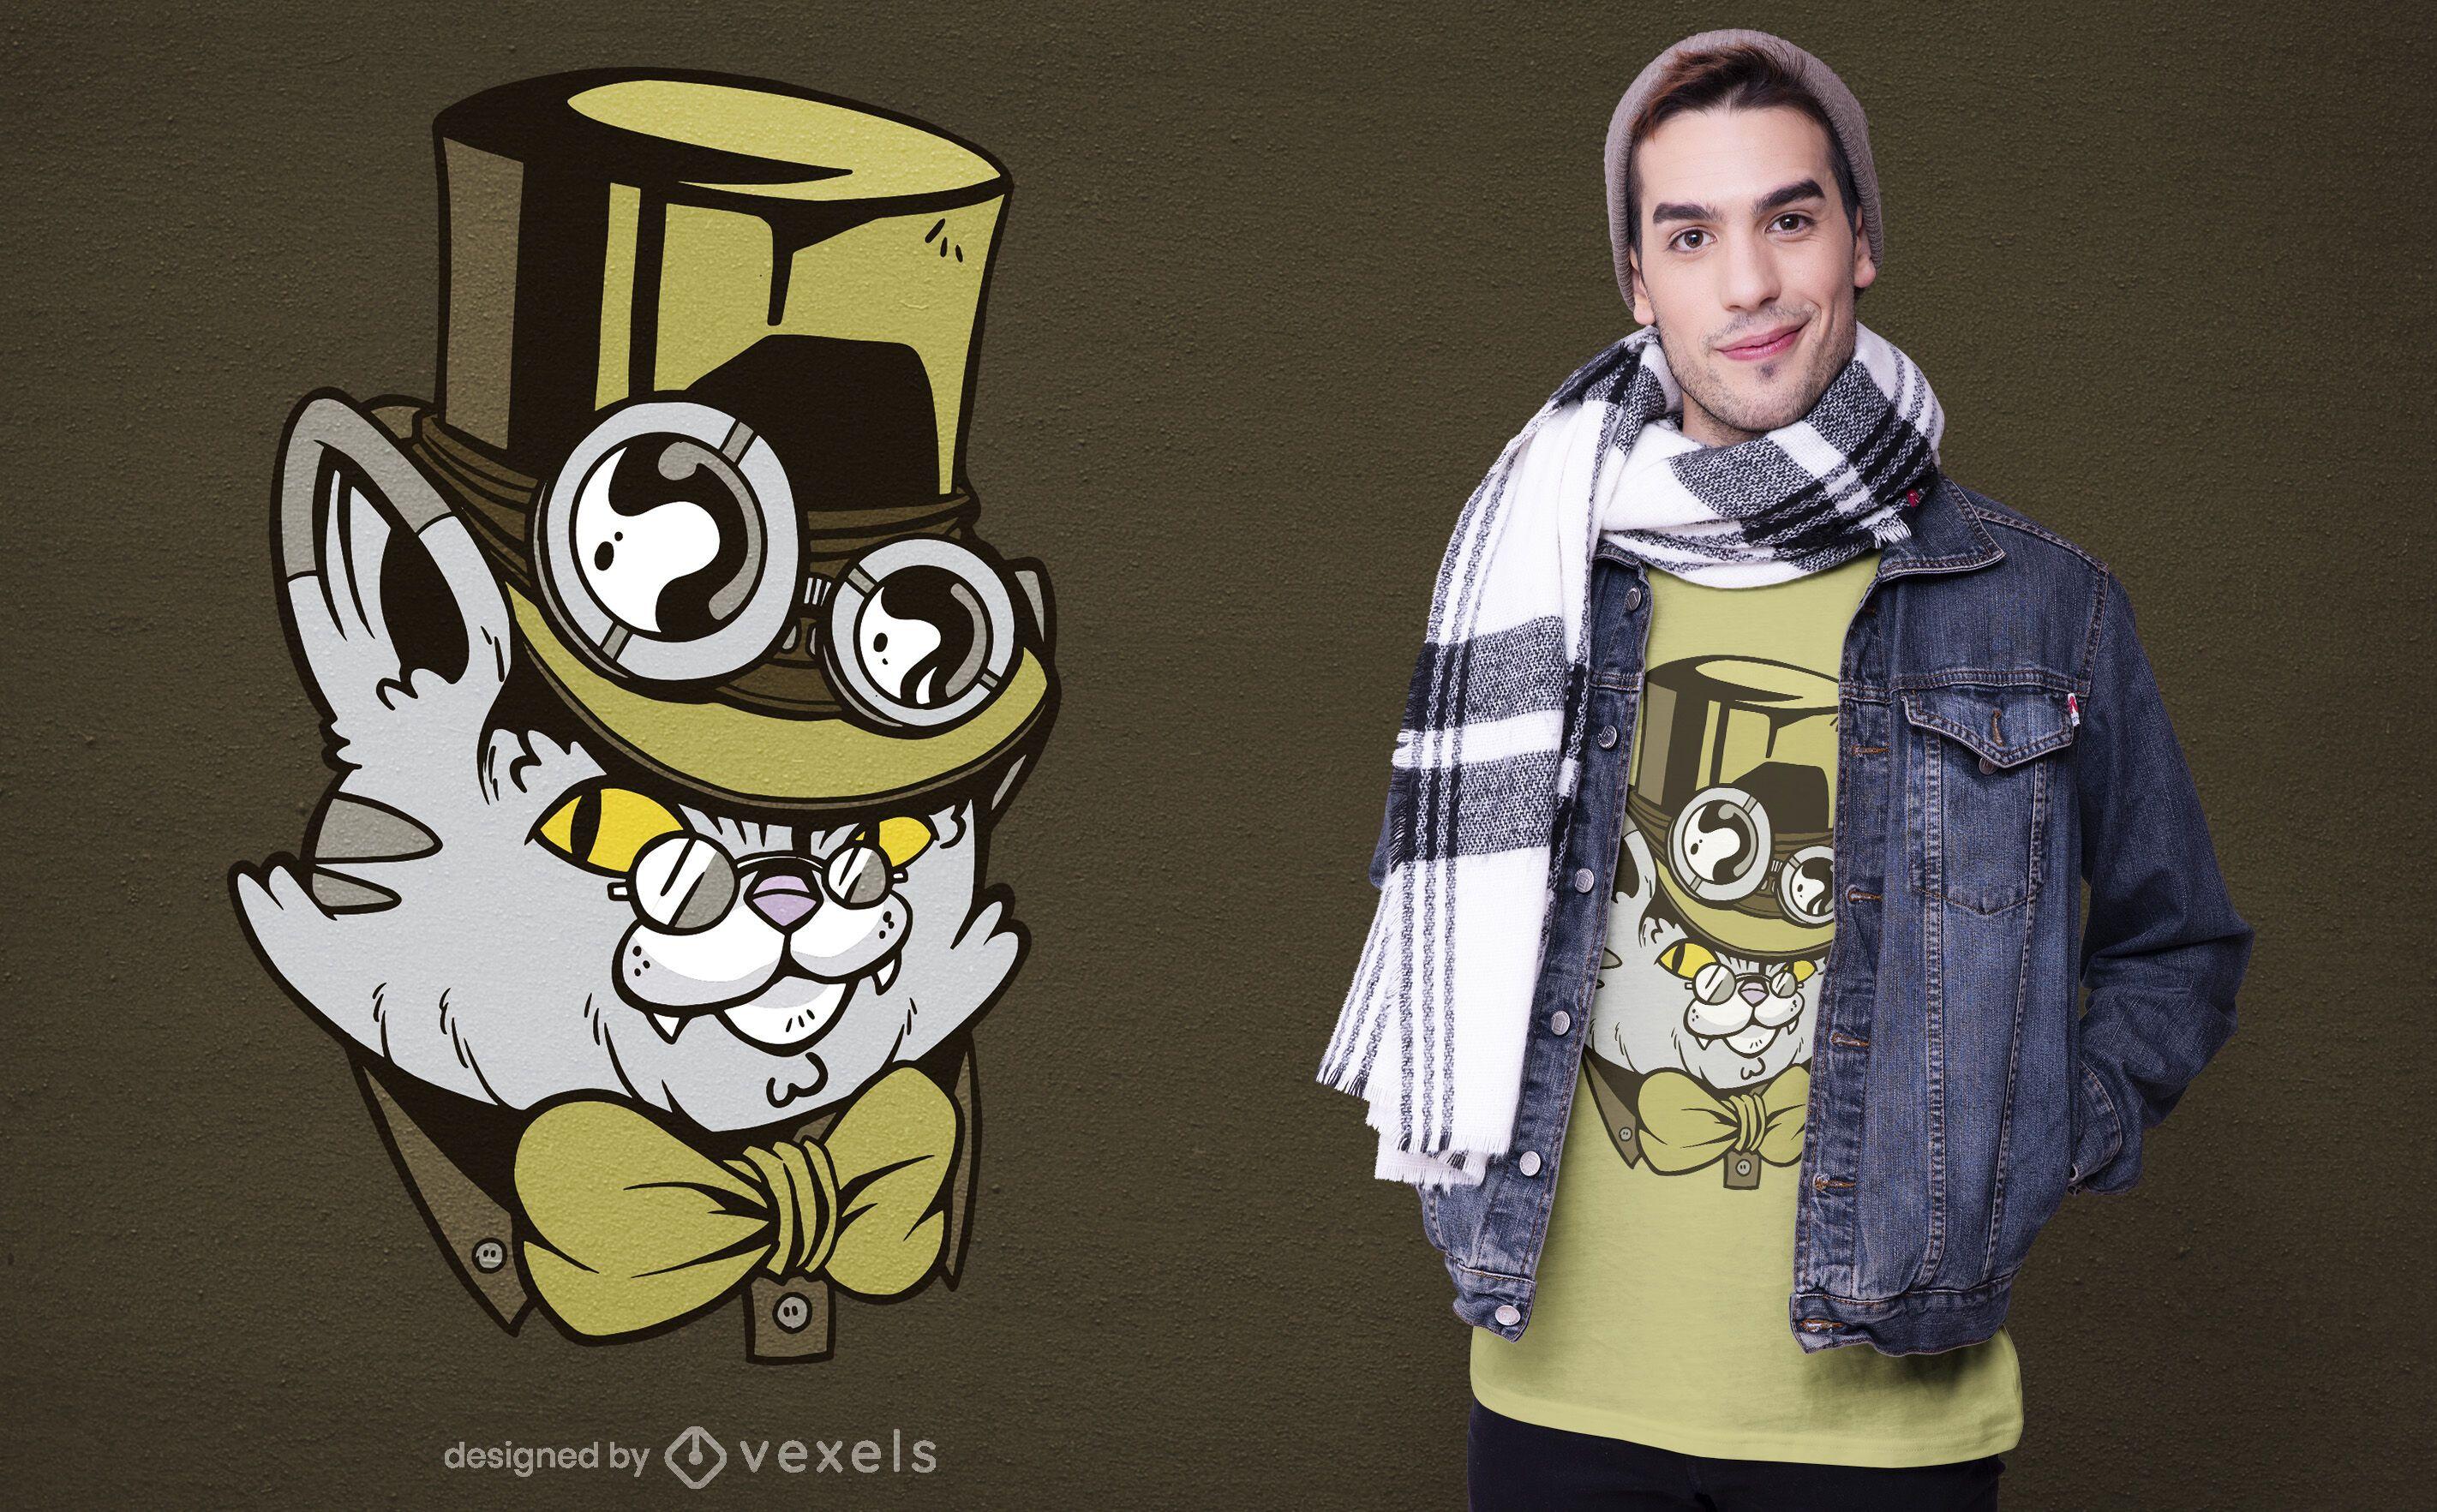 Diseño de camiseta de personaje de gato Steampunk.